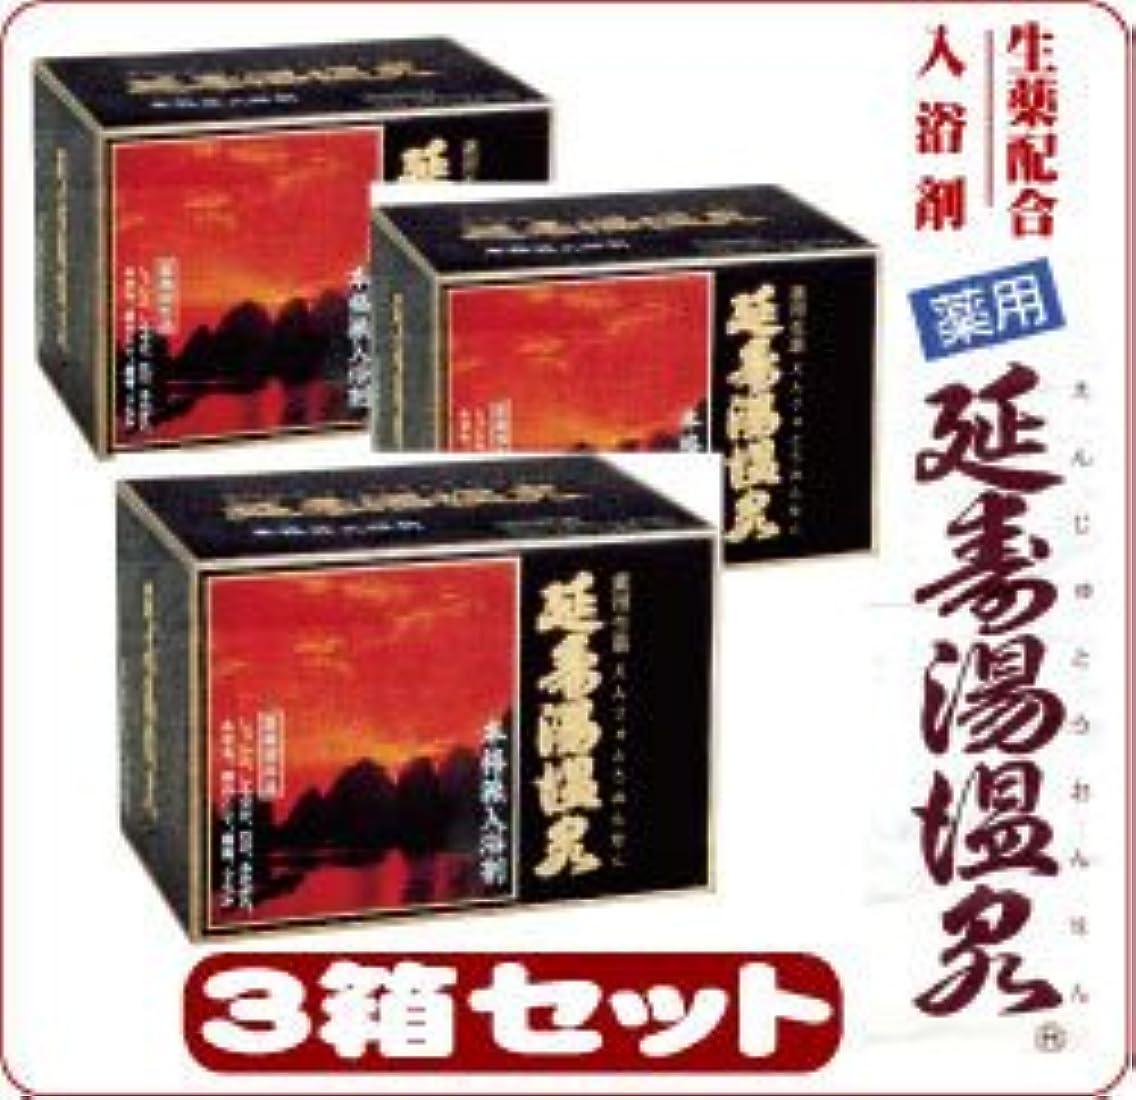 きらめき優れました事故【薬用入浴剤】  延寿湯温泉 50gX12包み 3箱セット  【天然生薬配合】